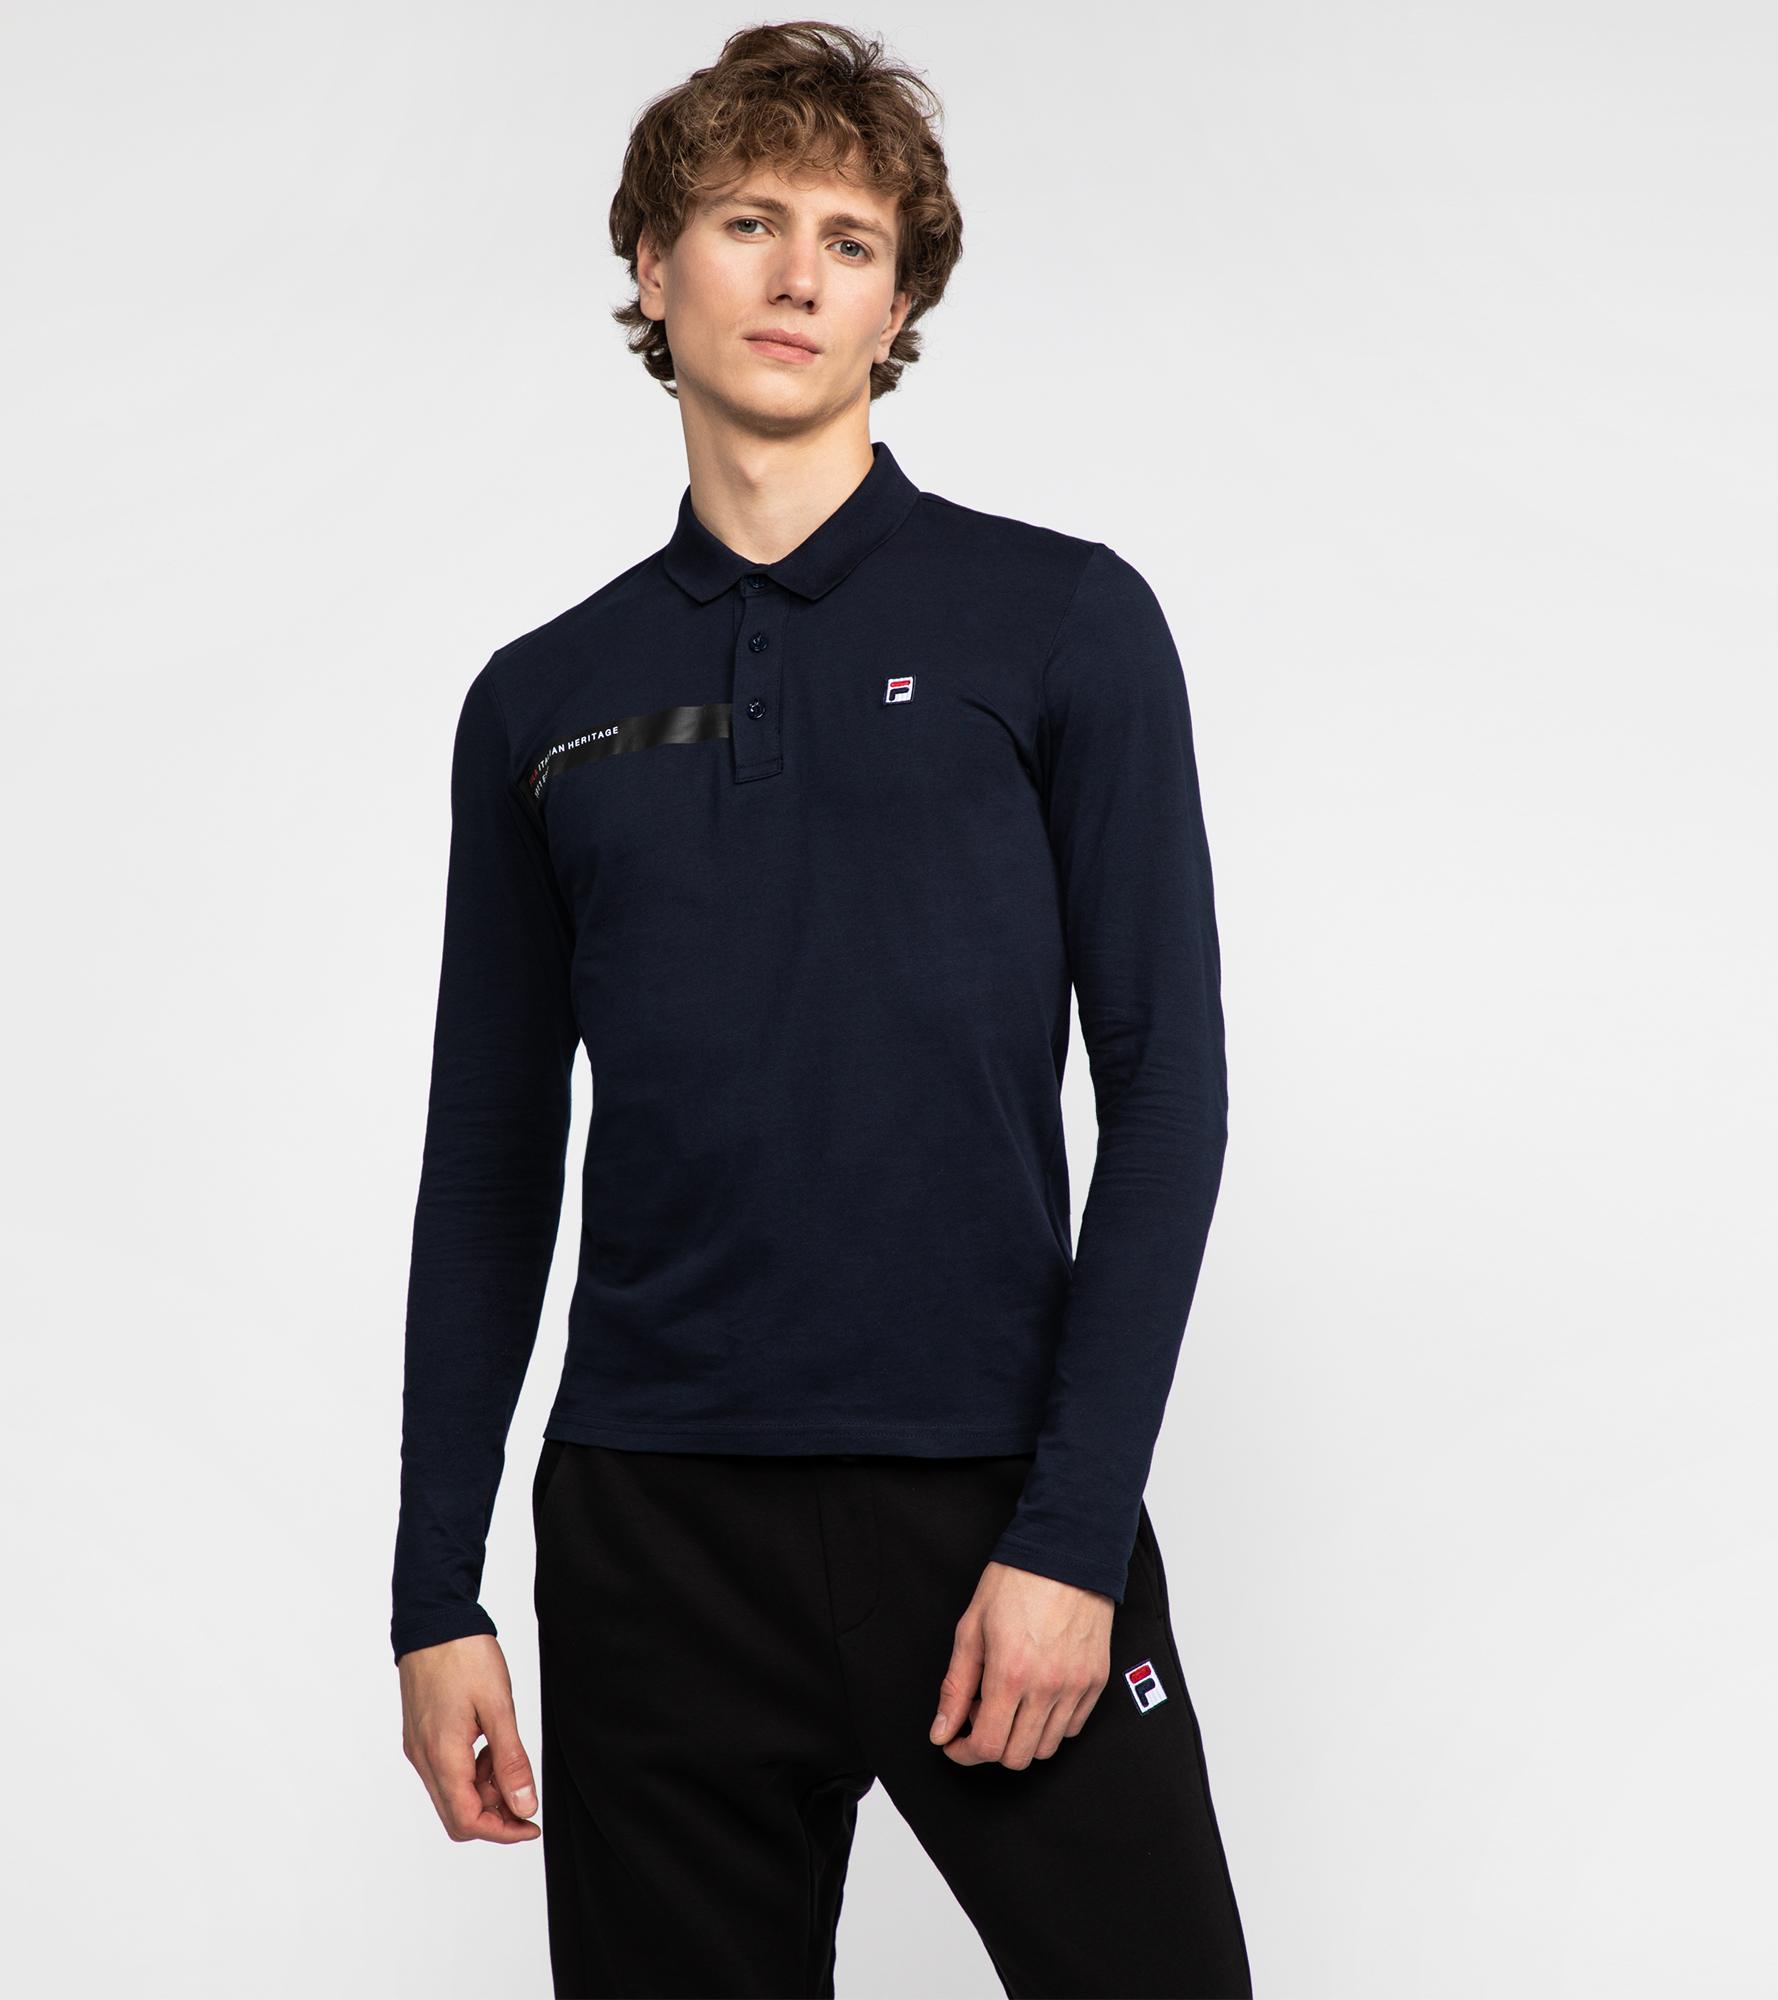 Fila Поло мужское Fila, размер 54 fila футболка с длинным рукавом женская fila размер 52